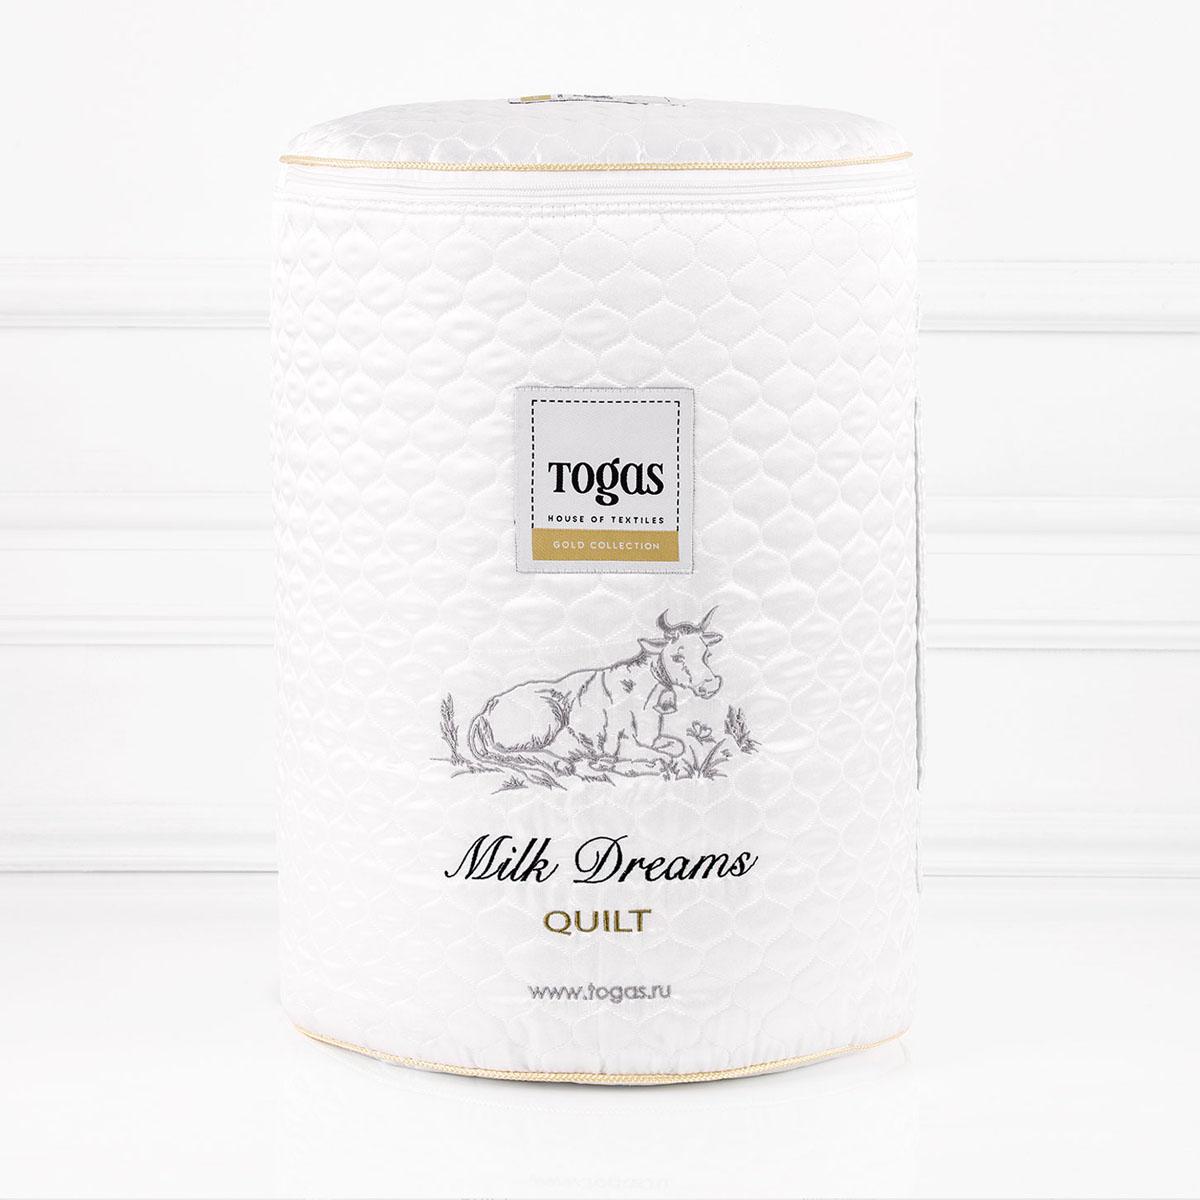 Одеяло Togas Милк дримс, наполнитель: молочное волокно, 140 х 200 см20.04.16.0095Чехол одеяла Togas Милк дримс выполнен из жаккарда (100% модал). Наполнитель одеяла изготовлен из молочного волокна. Модал - материал нового поколения, появился сравнительно недавно. Несмотря на синтетическое происхождение, он считается экологически чистым, так как изготовлен из 100% древесной целлюлозы. Целлюлоза для модала используется высококачественная, чаще всего из эвкалиптового дерева, бука, сосны.Молочное волокно имеет гипоаллергенные и антибактериальные свойства. Наполнитель из молочного волокна отлично поглощает лишнюю влагу, не препятствует естественному дыханию кожи во время сна и при этом сохраняет все свои свойства после многократных стирок. Такое одеяло абсолютно натуральное и безопасное. Оно дарит всю пользу молока вашей коже, насыщая ее во время сна аминокислотами, микроэлементами и оказывая на нее естественно увлажняющее и стимулирующее кровообращение действие.